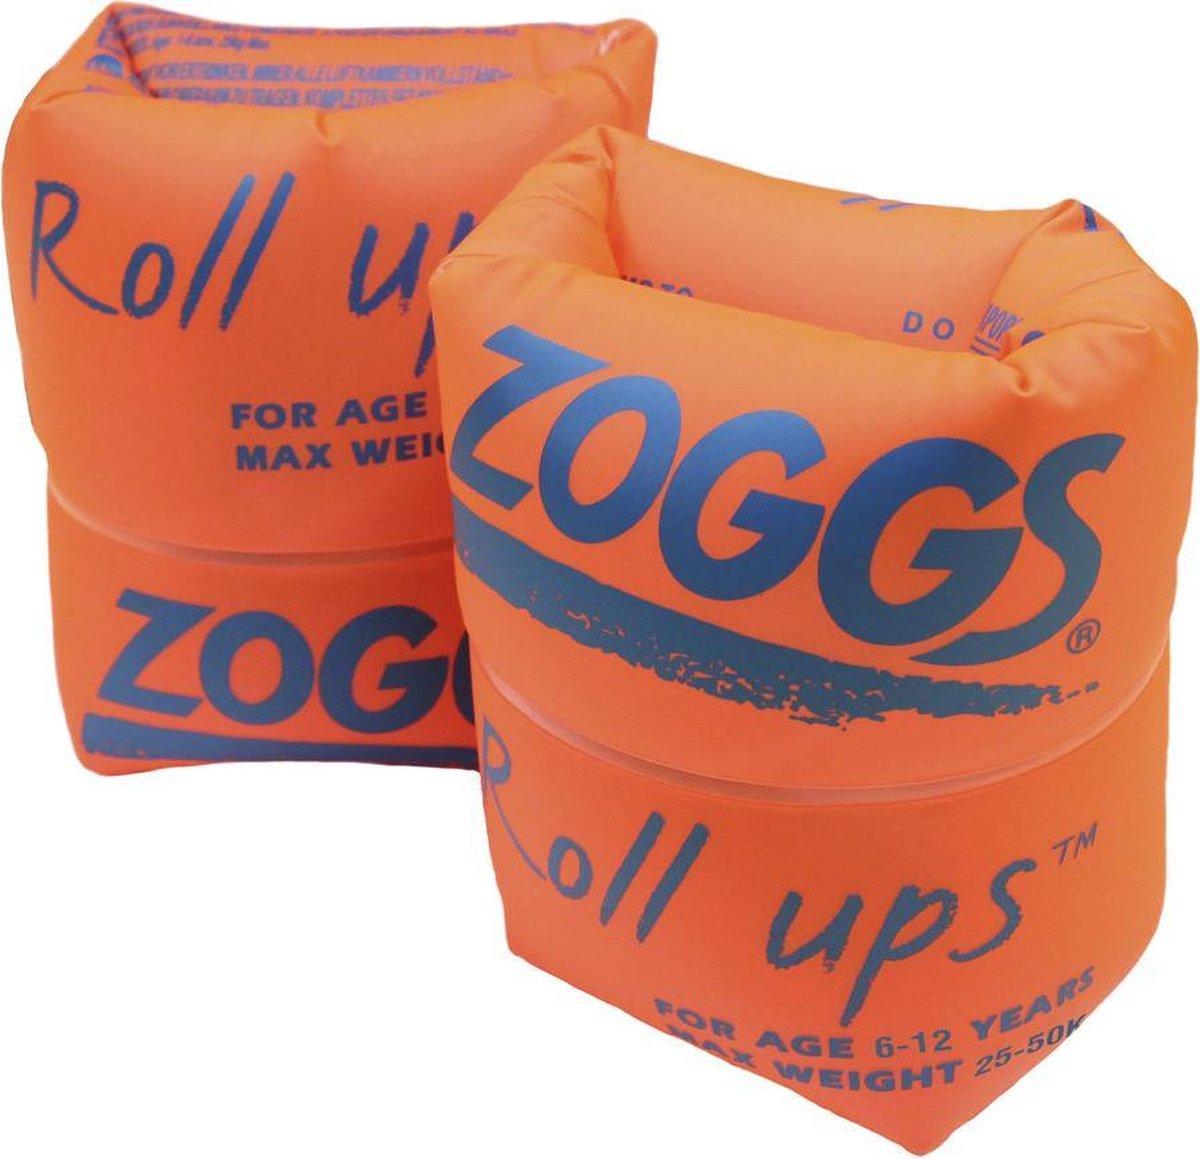 Zoggs - Zwembandjes Roll-Ups - Oranje - Maximum 50 kg - Maat 6/12 jaar